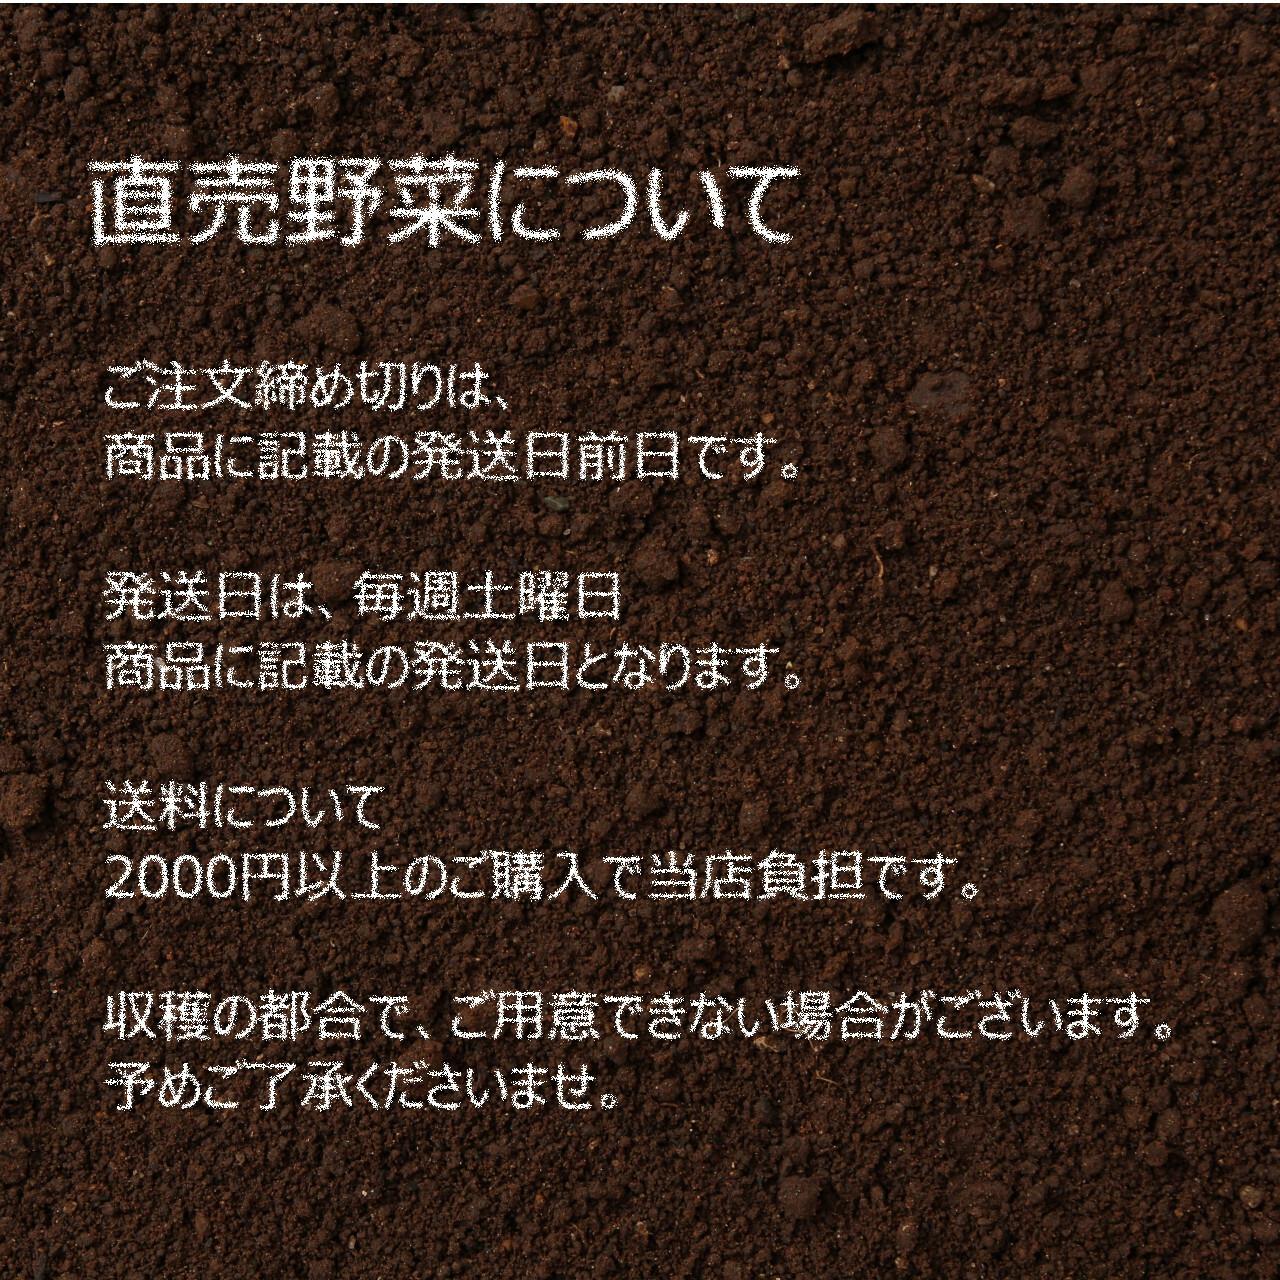 ピーマン 約300g : 6月の朝採り直売野菜  6月8日発送予定